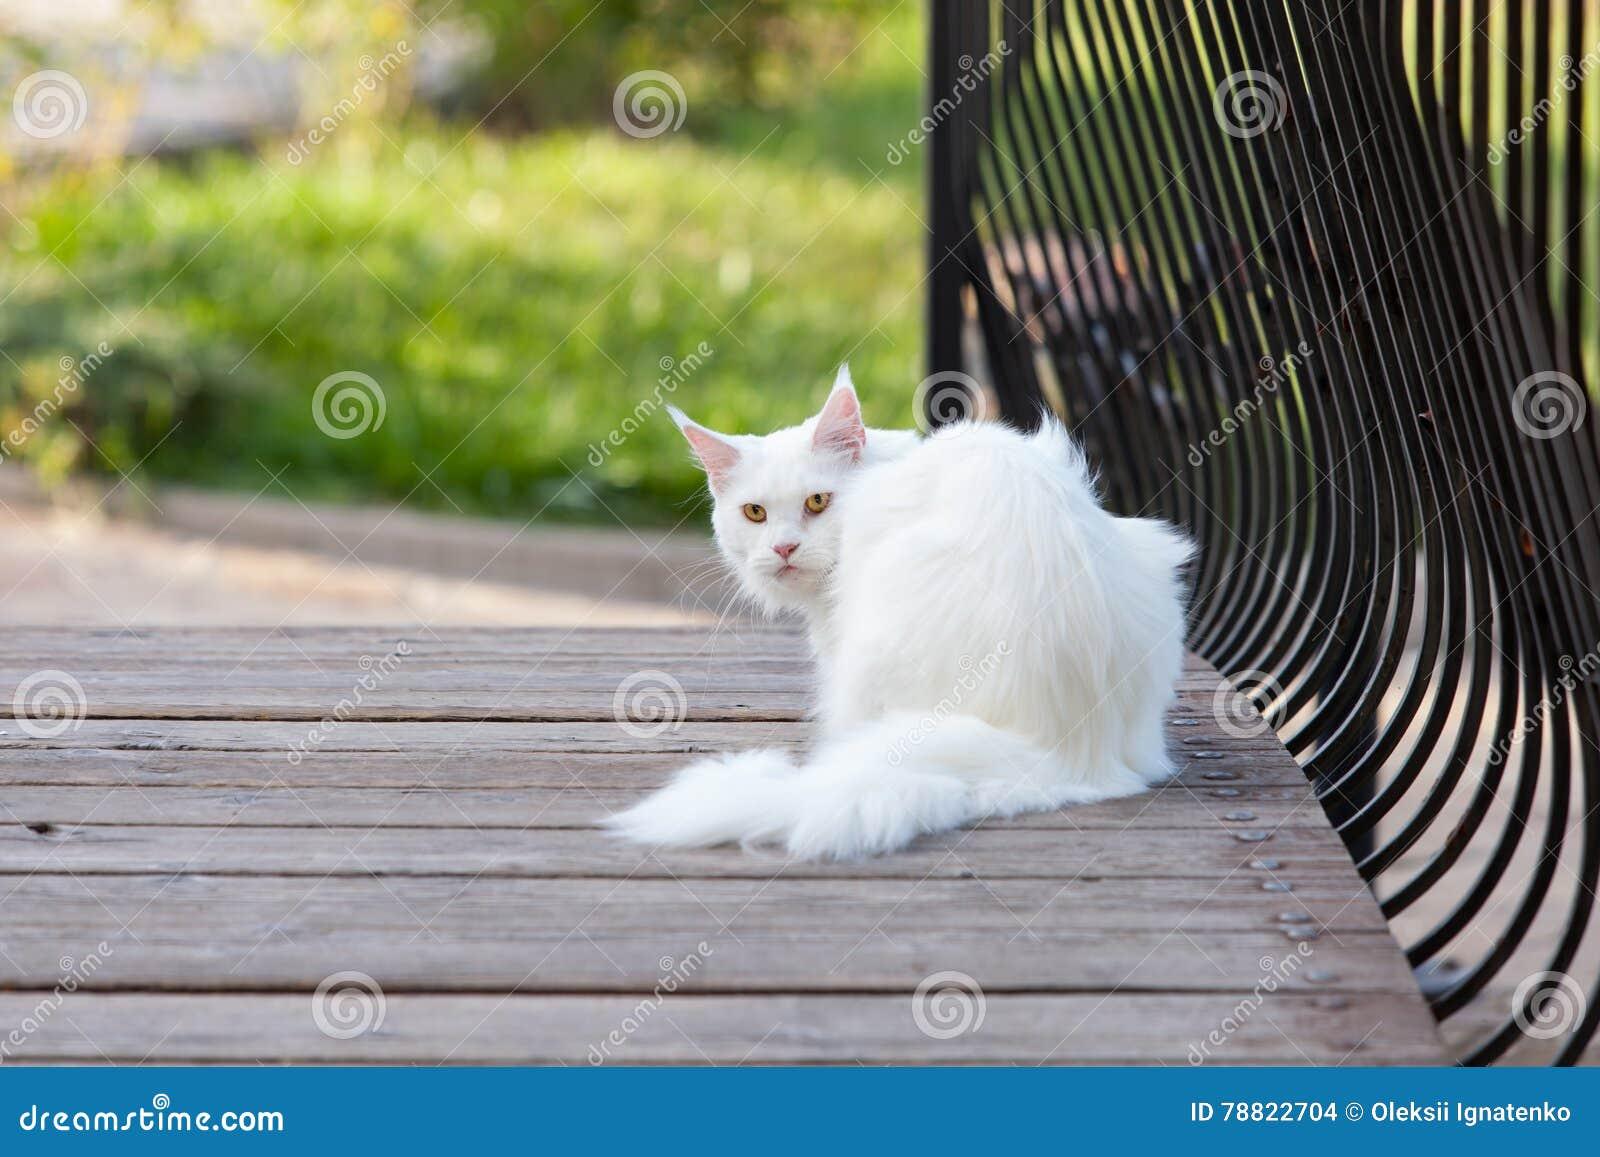 Maine Coon Biały Kot W Dzikim Zdjęcie Stock Obraz Złożonej Z Ssak